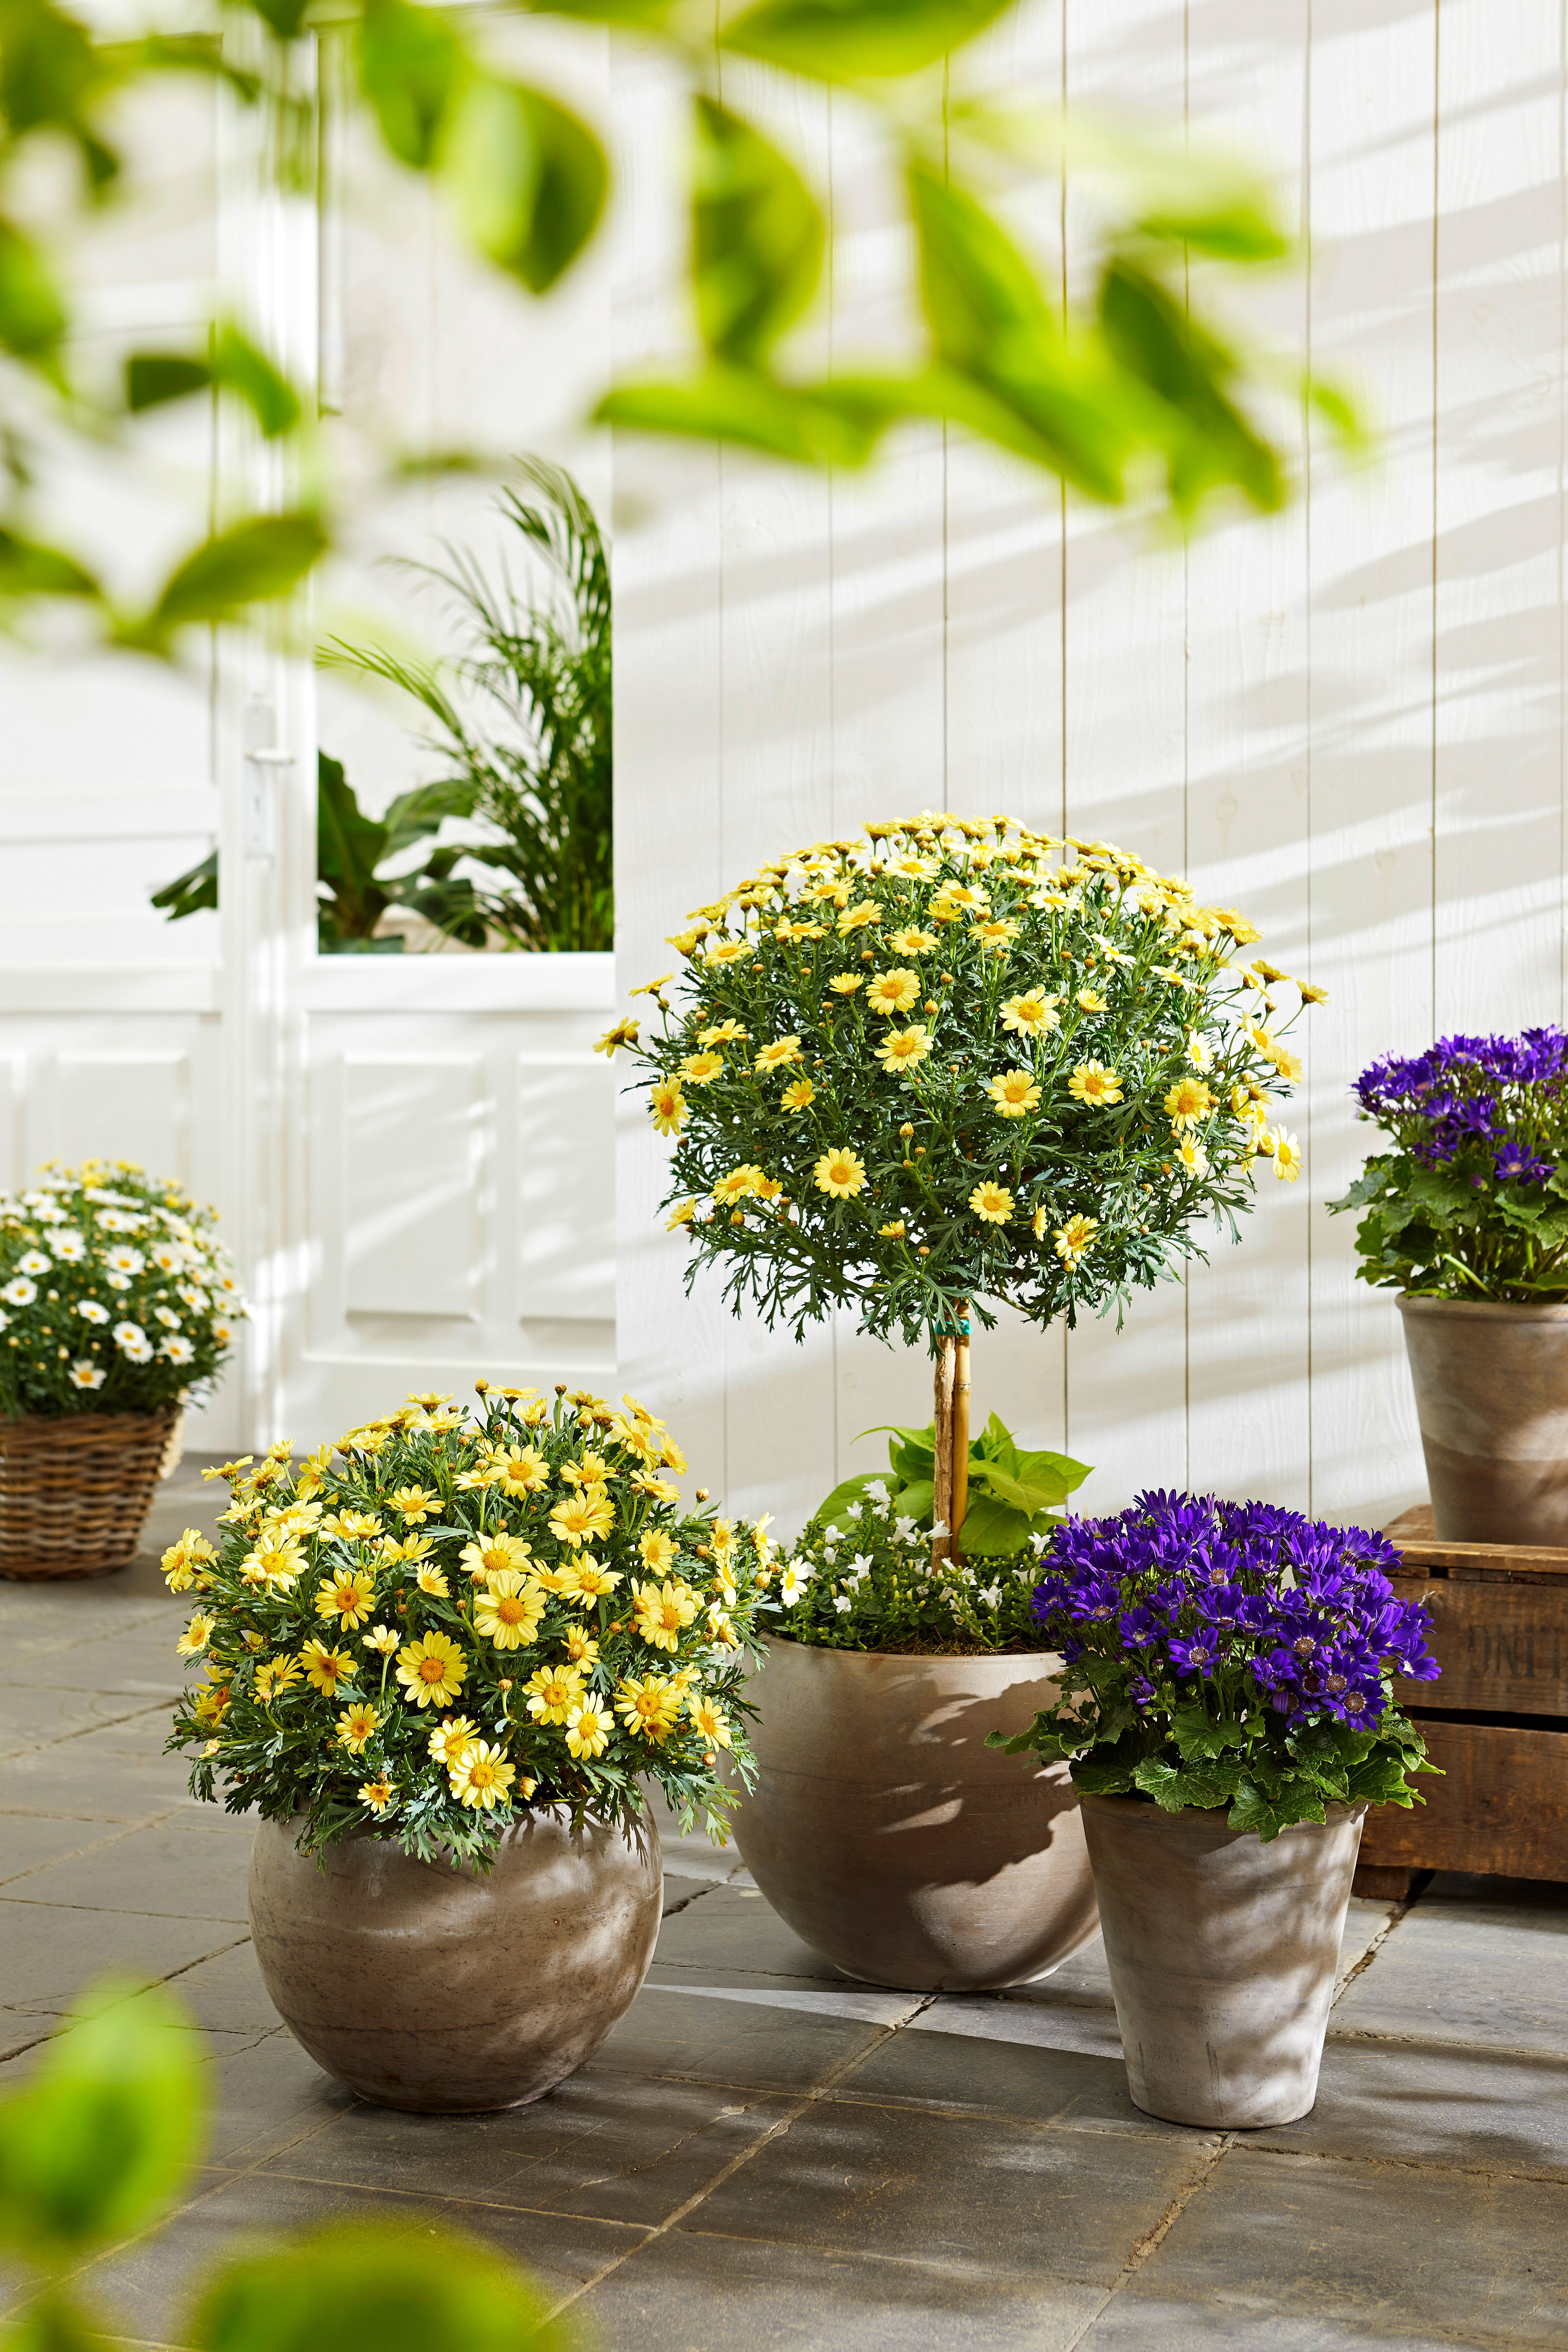 Super Kombination Margeriten Sternblumen Sommerblumen Margeriten Kubelpflanzen